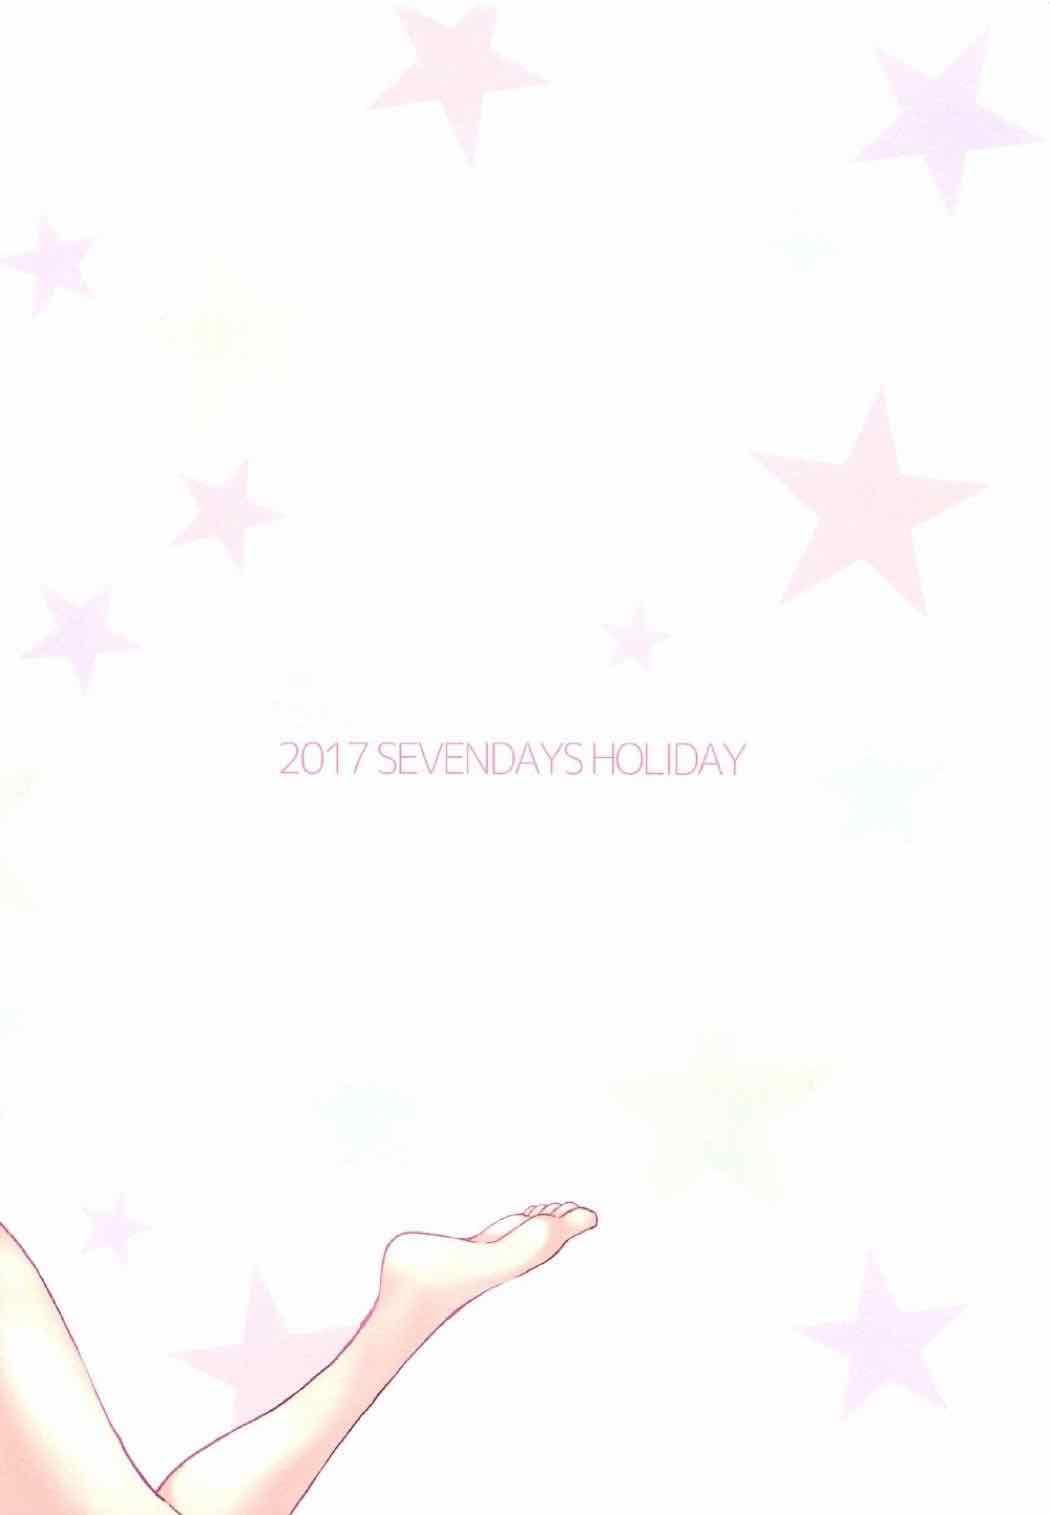 Eromanga Sensei to Yamada Elf Sensei no Eromanga 13